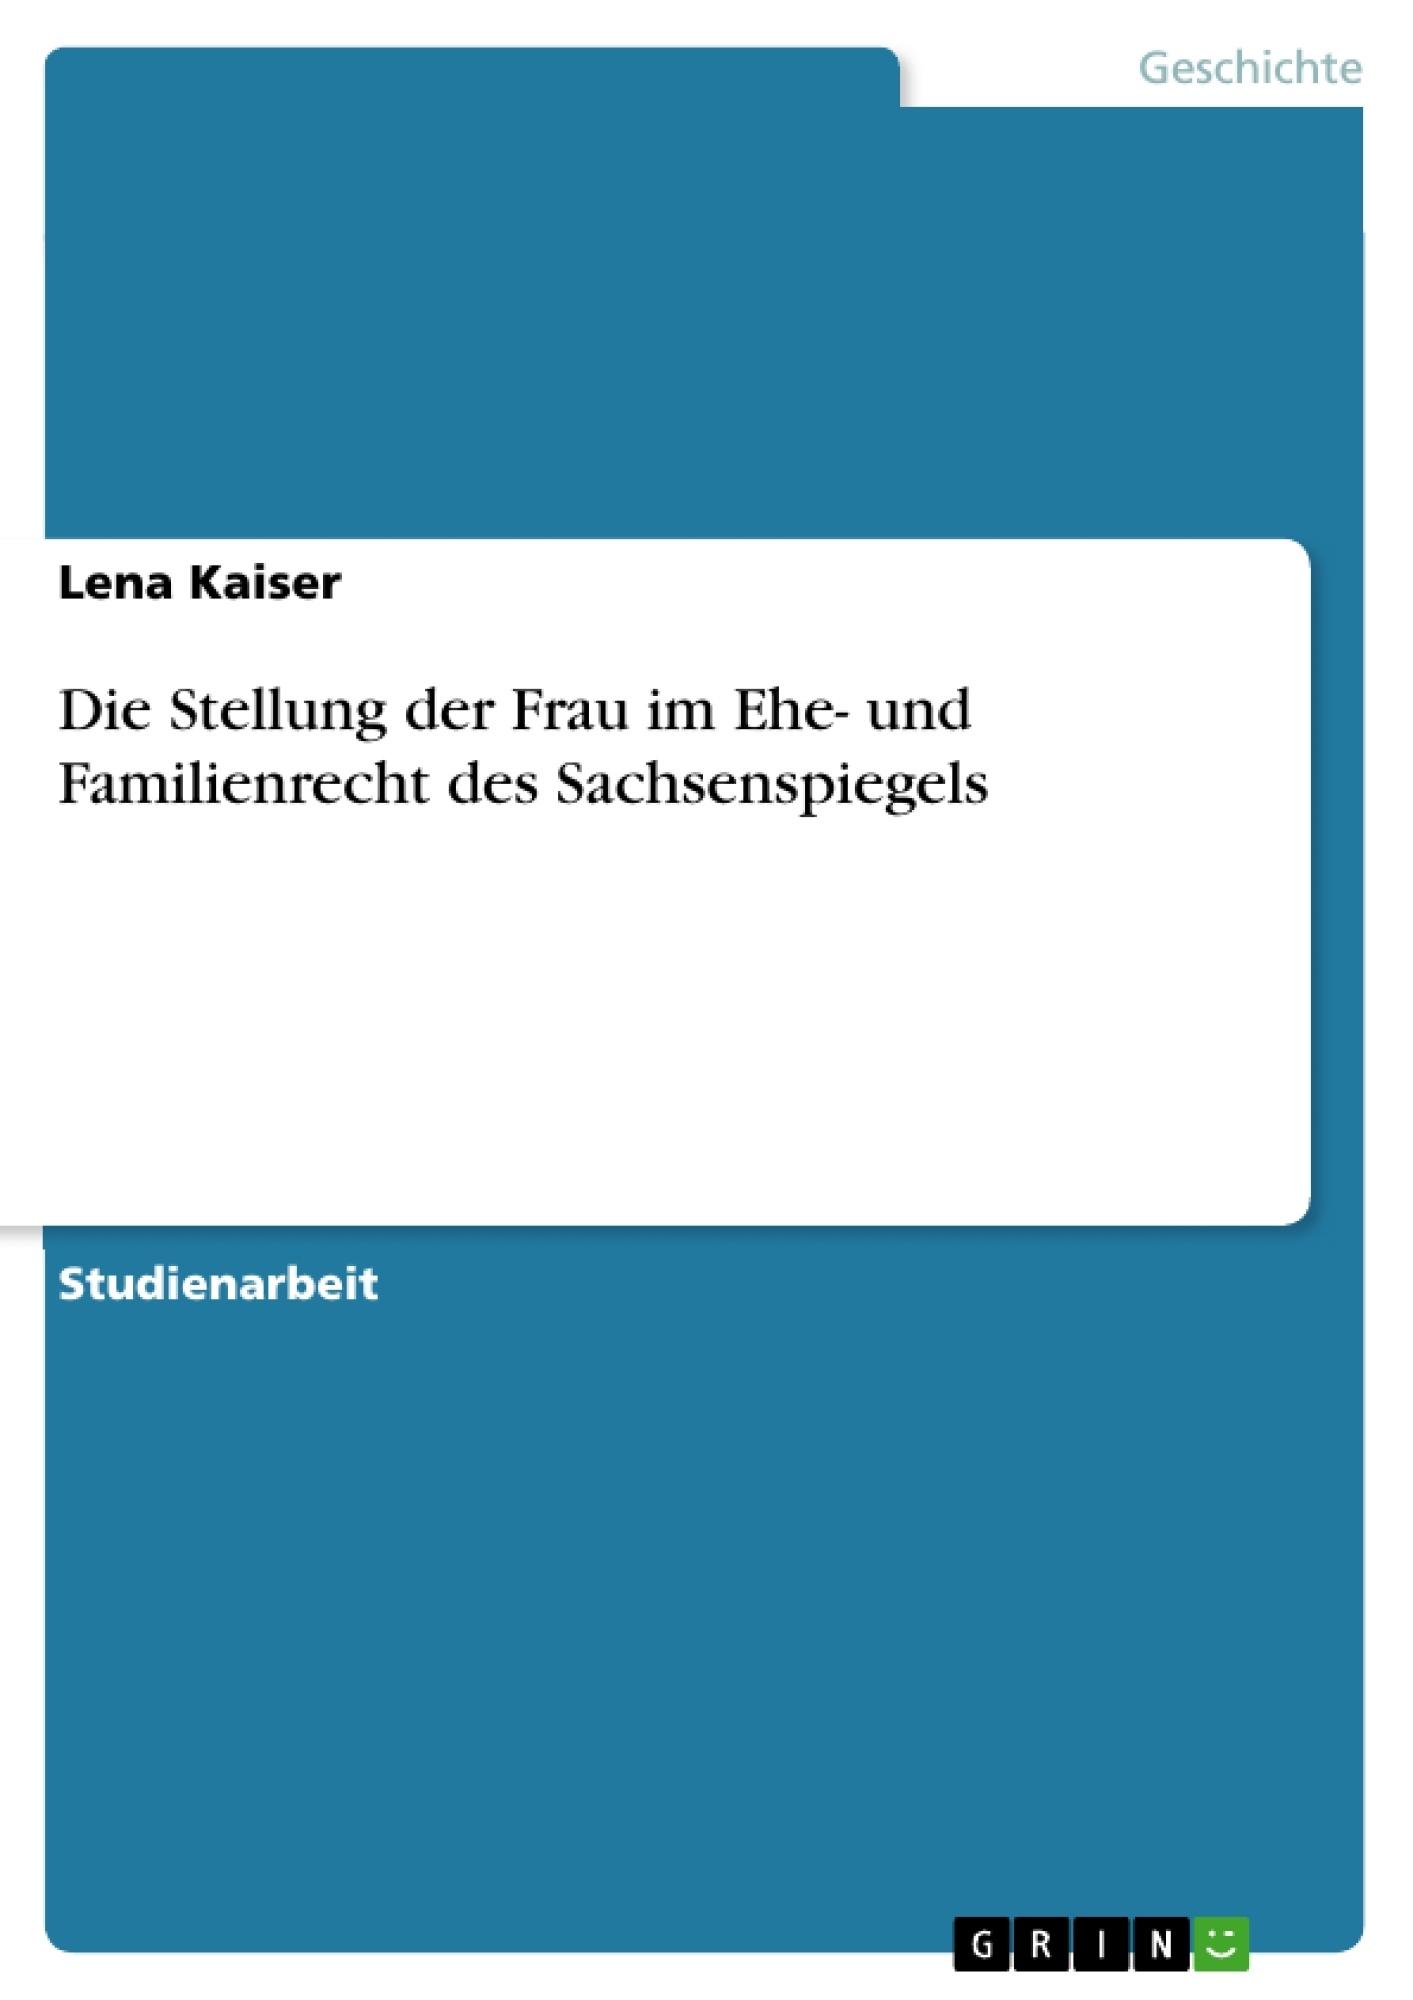 Titel: Die Stellung der Frau im Ehe- und Familienrecht des Sachsenspiegels